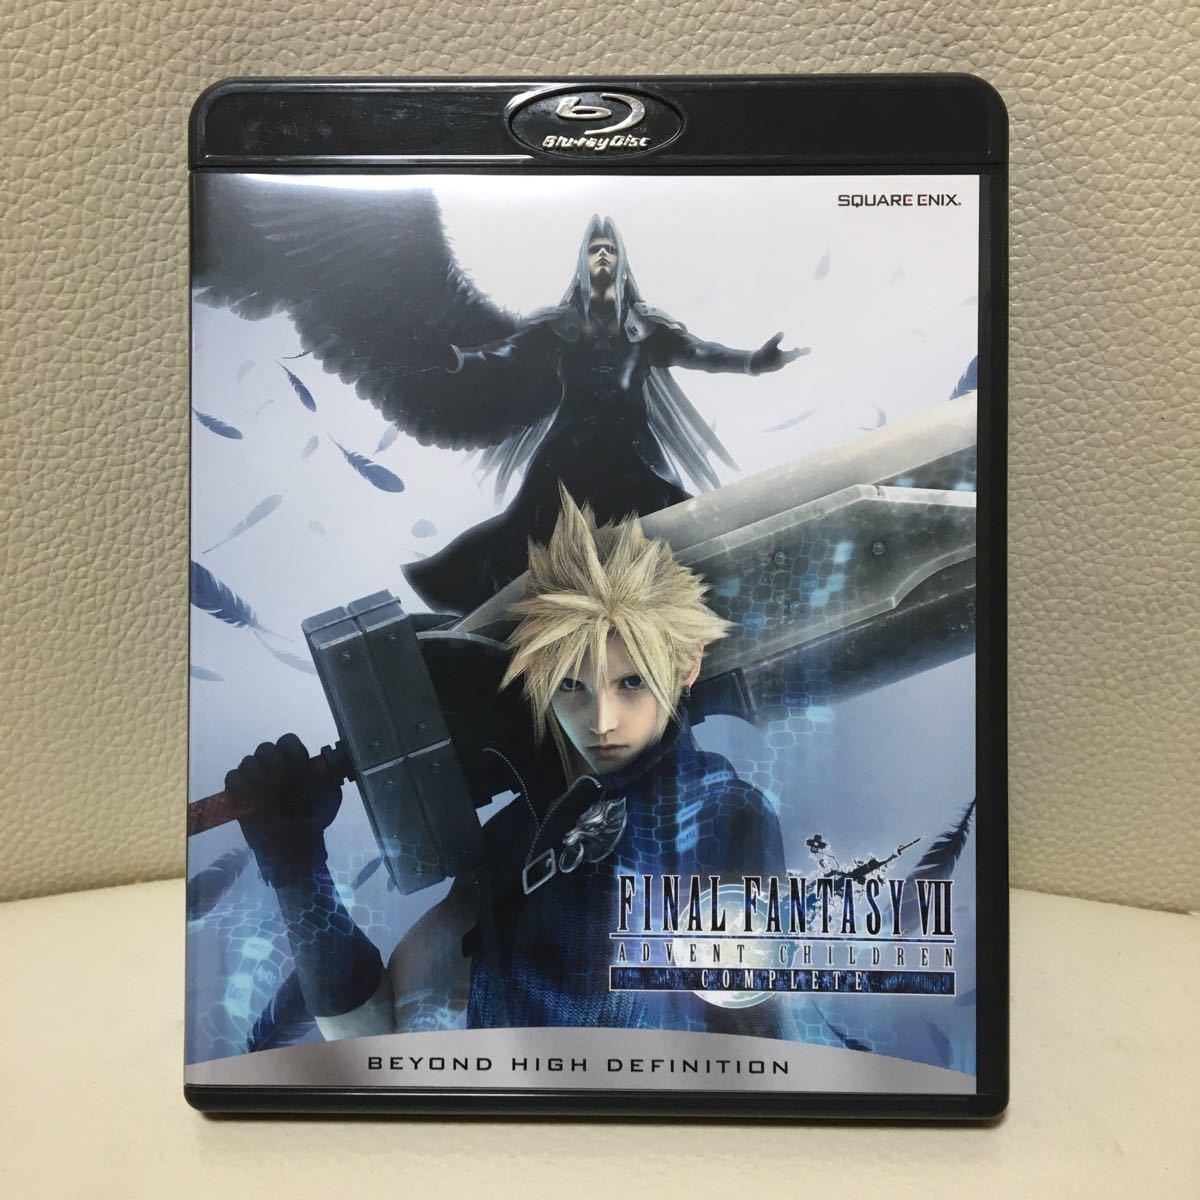 ファイナルファンタジー7  アドベントチルドレン Blu-ray ブルーレイ